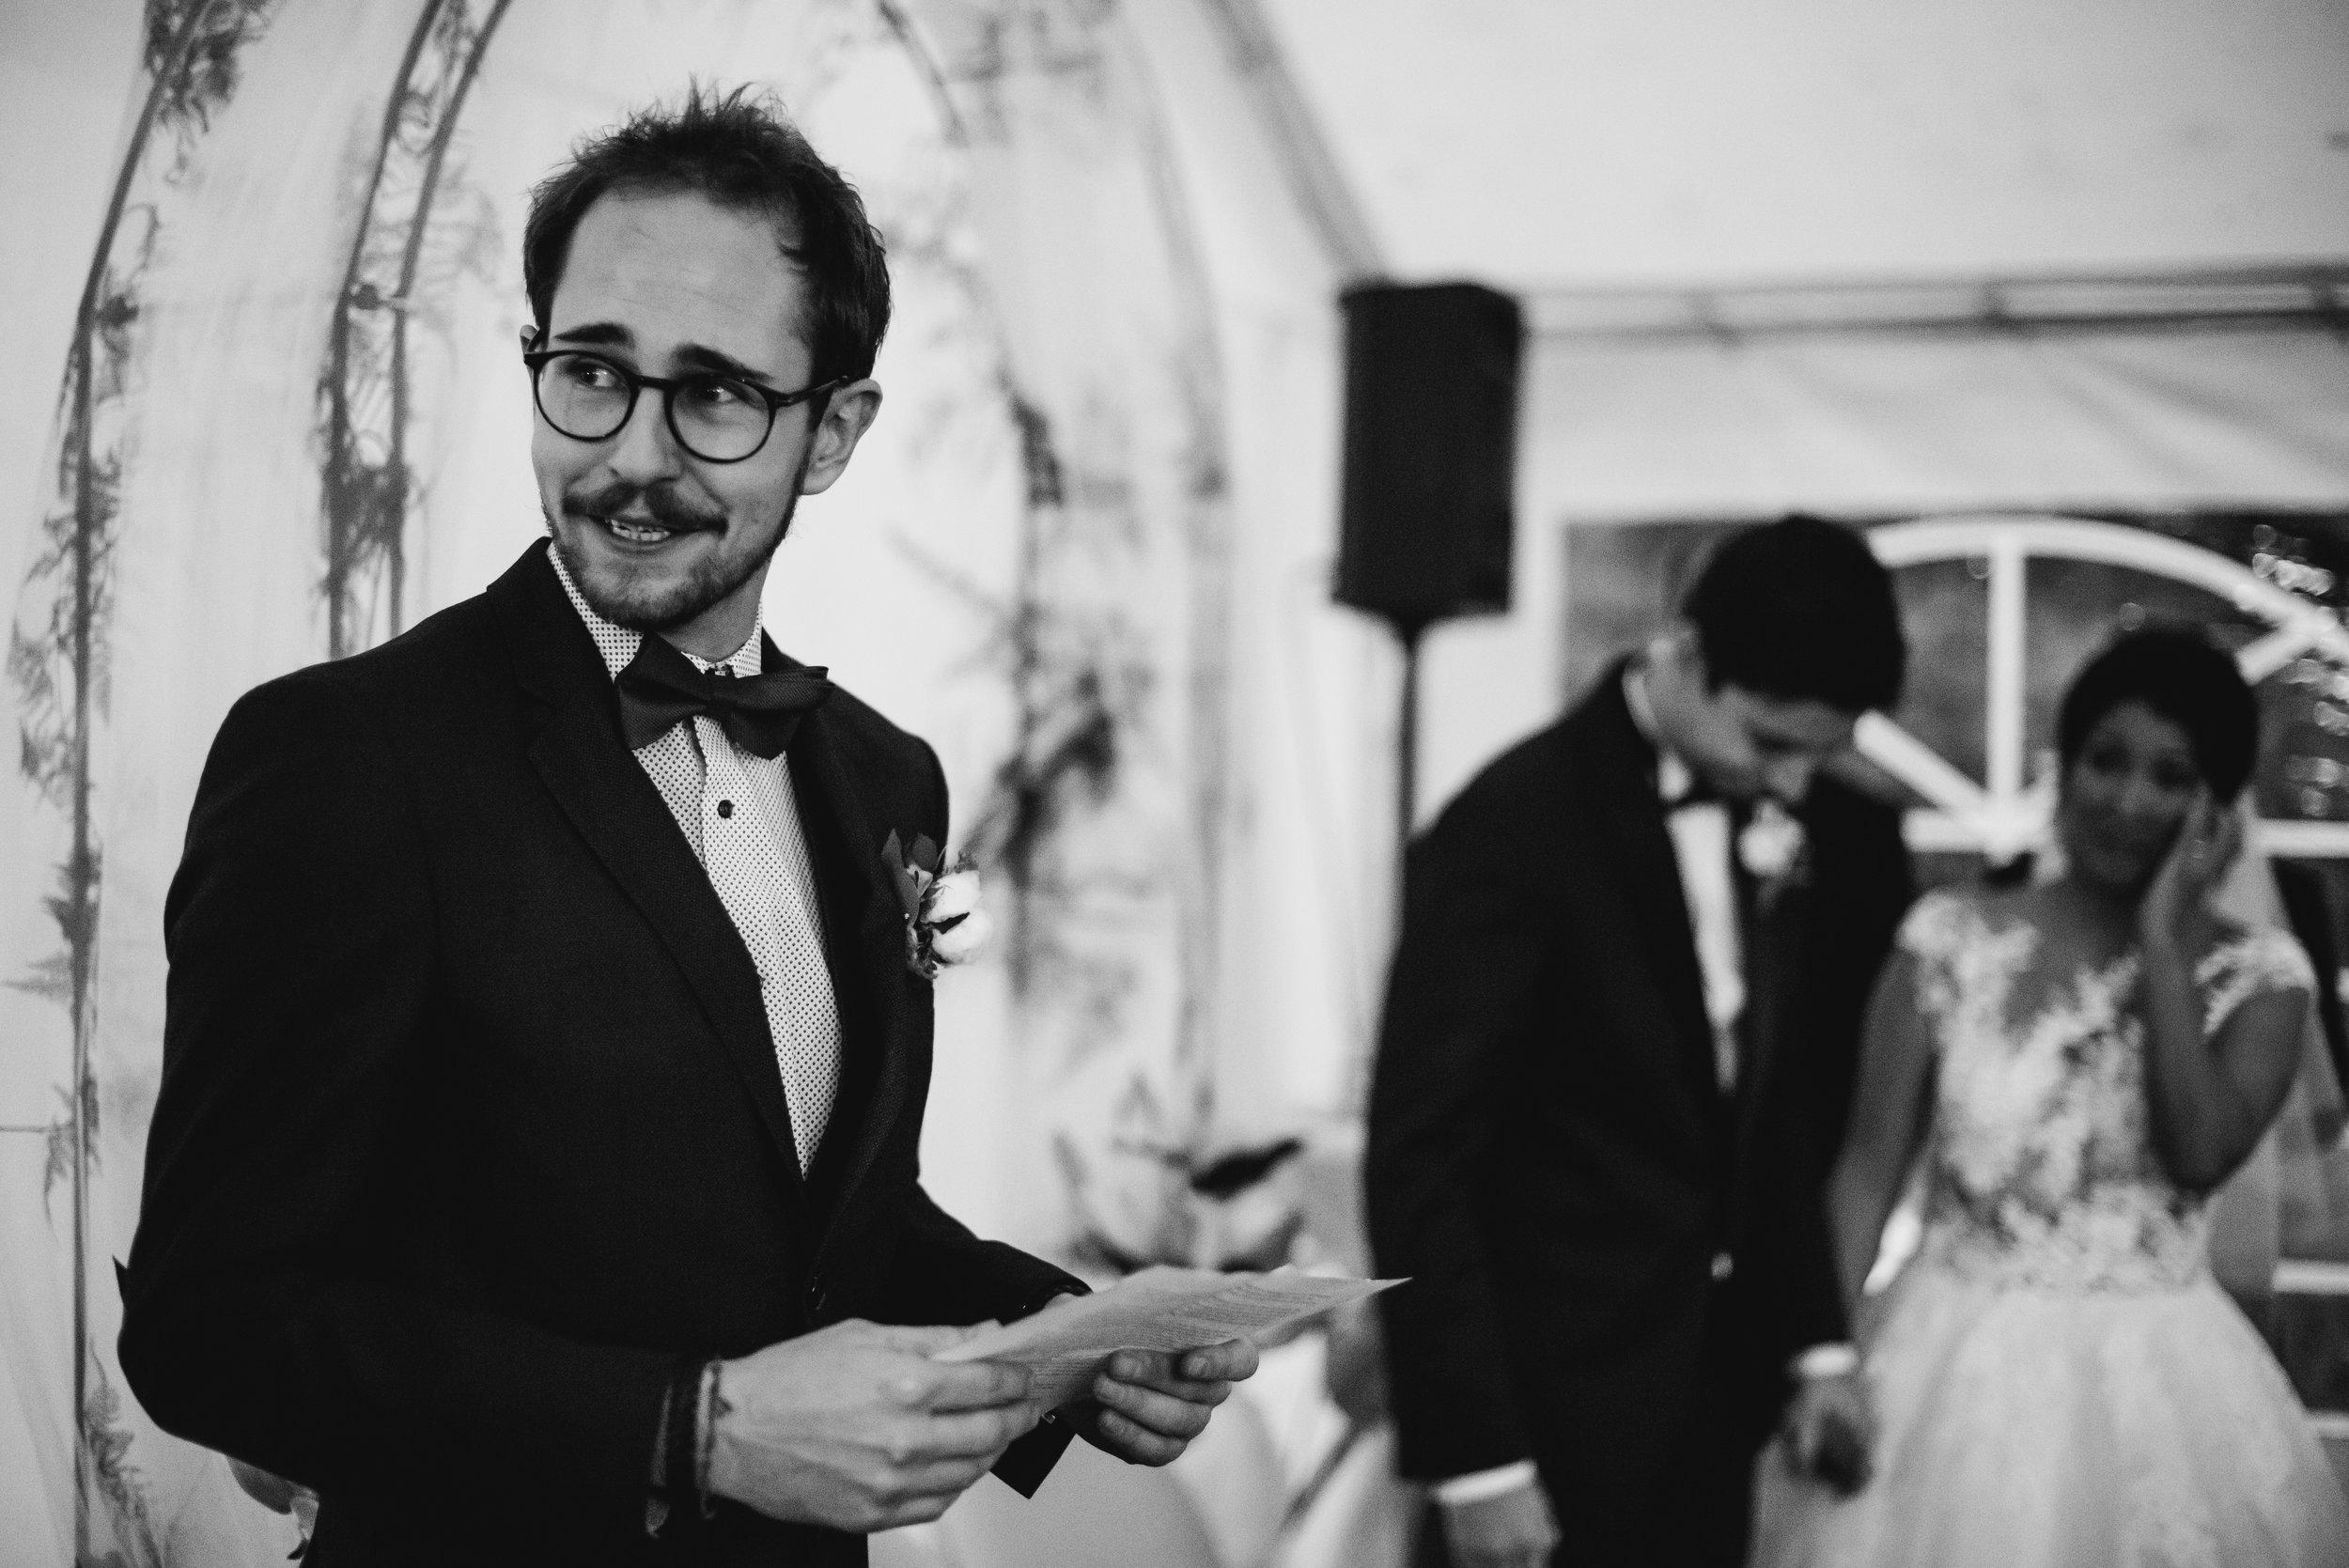 Léa-Fery-photographe-professionnel-lyon-rhone-alpes-portrait-creation-mariage-evenement-evenementiel-famille-7473.jpg